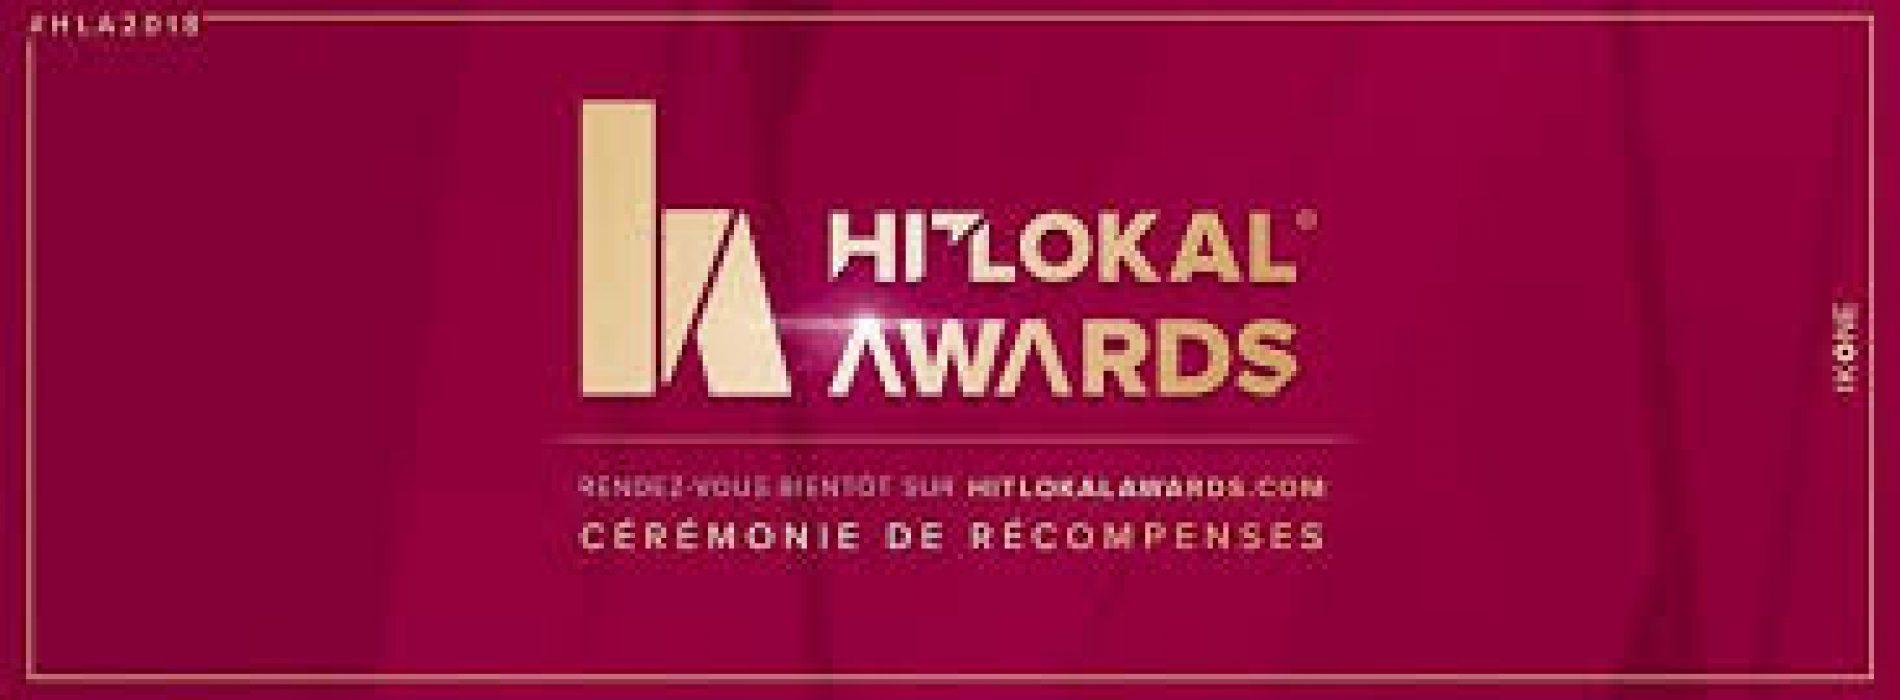 Hit Lokal Awards 2018 : les résultats…